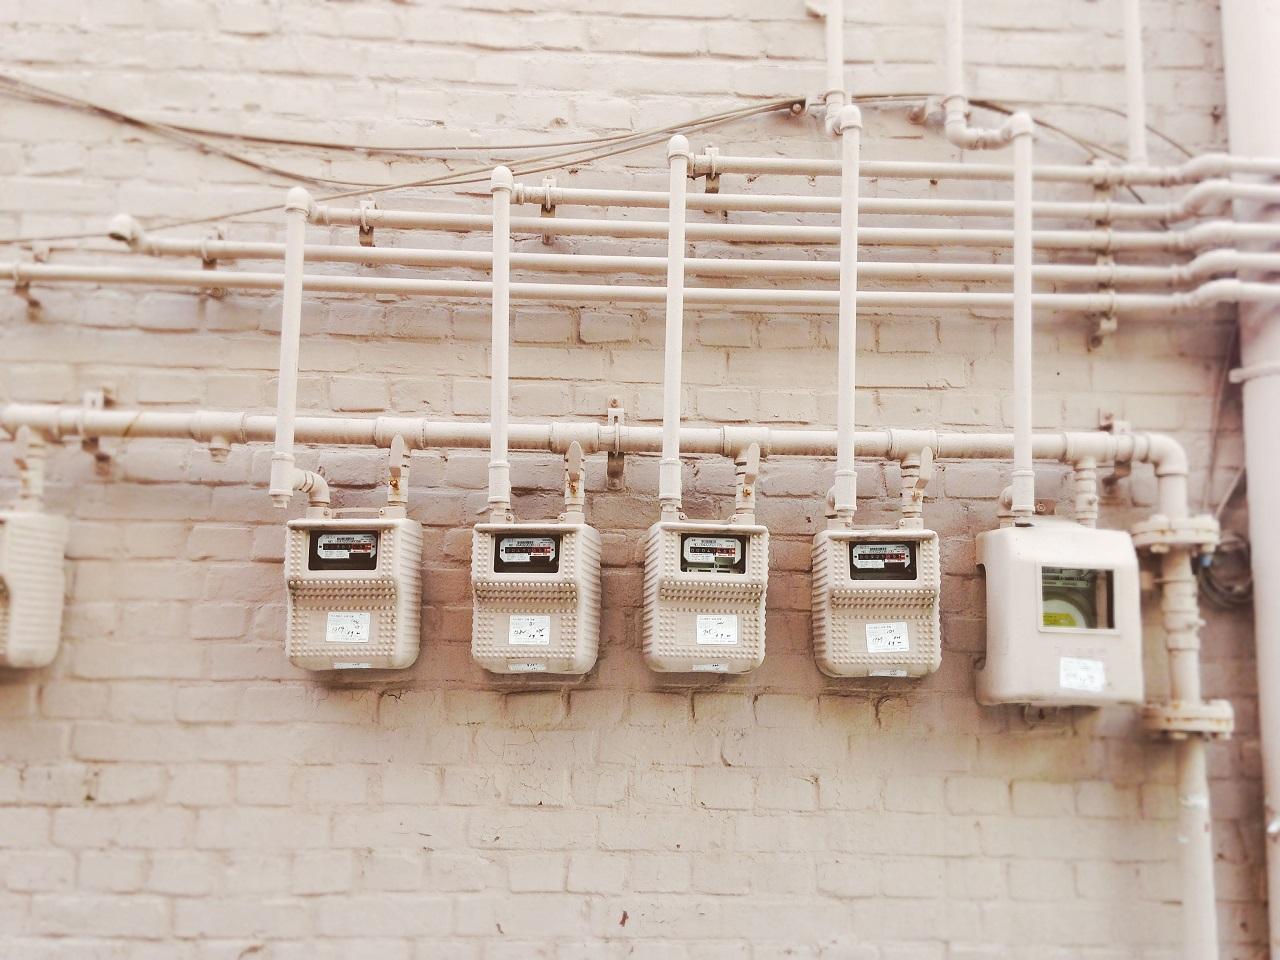 Urządzenia zapewniające bezpieczeństwo elektryki w budynku